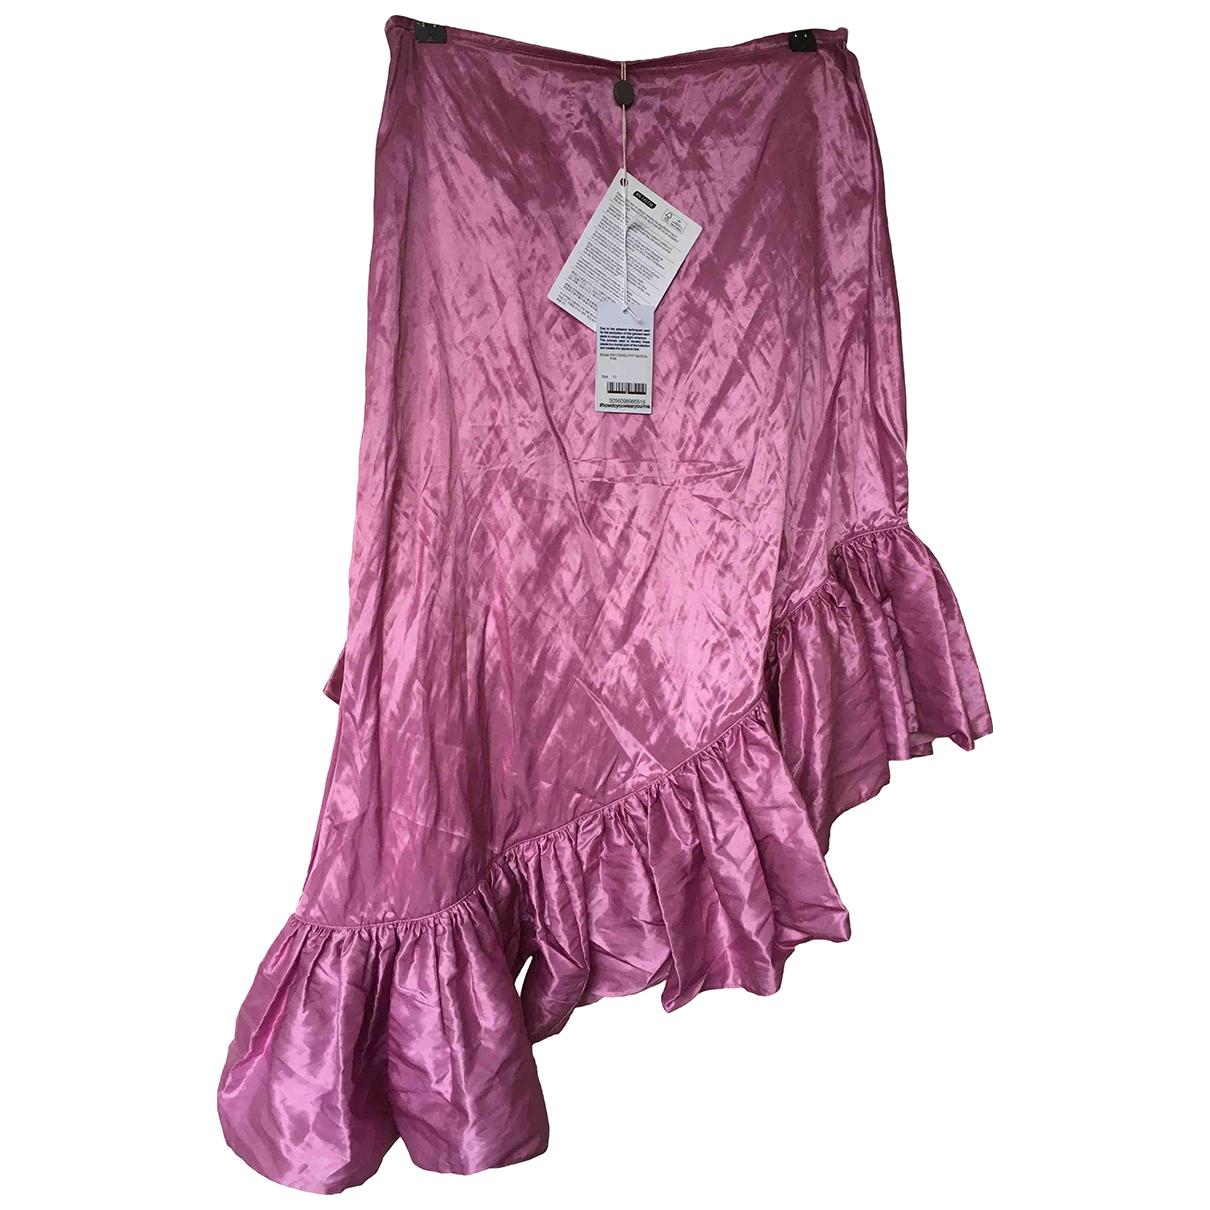 Marques Almeida - Jupe   pour femme en soie - rose